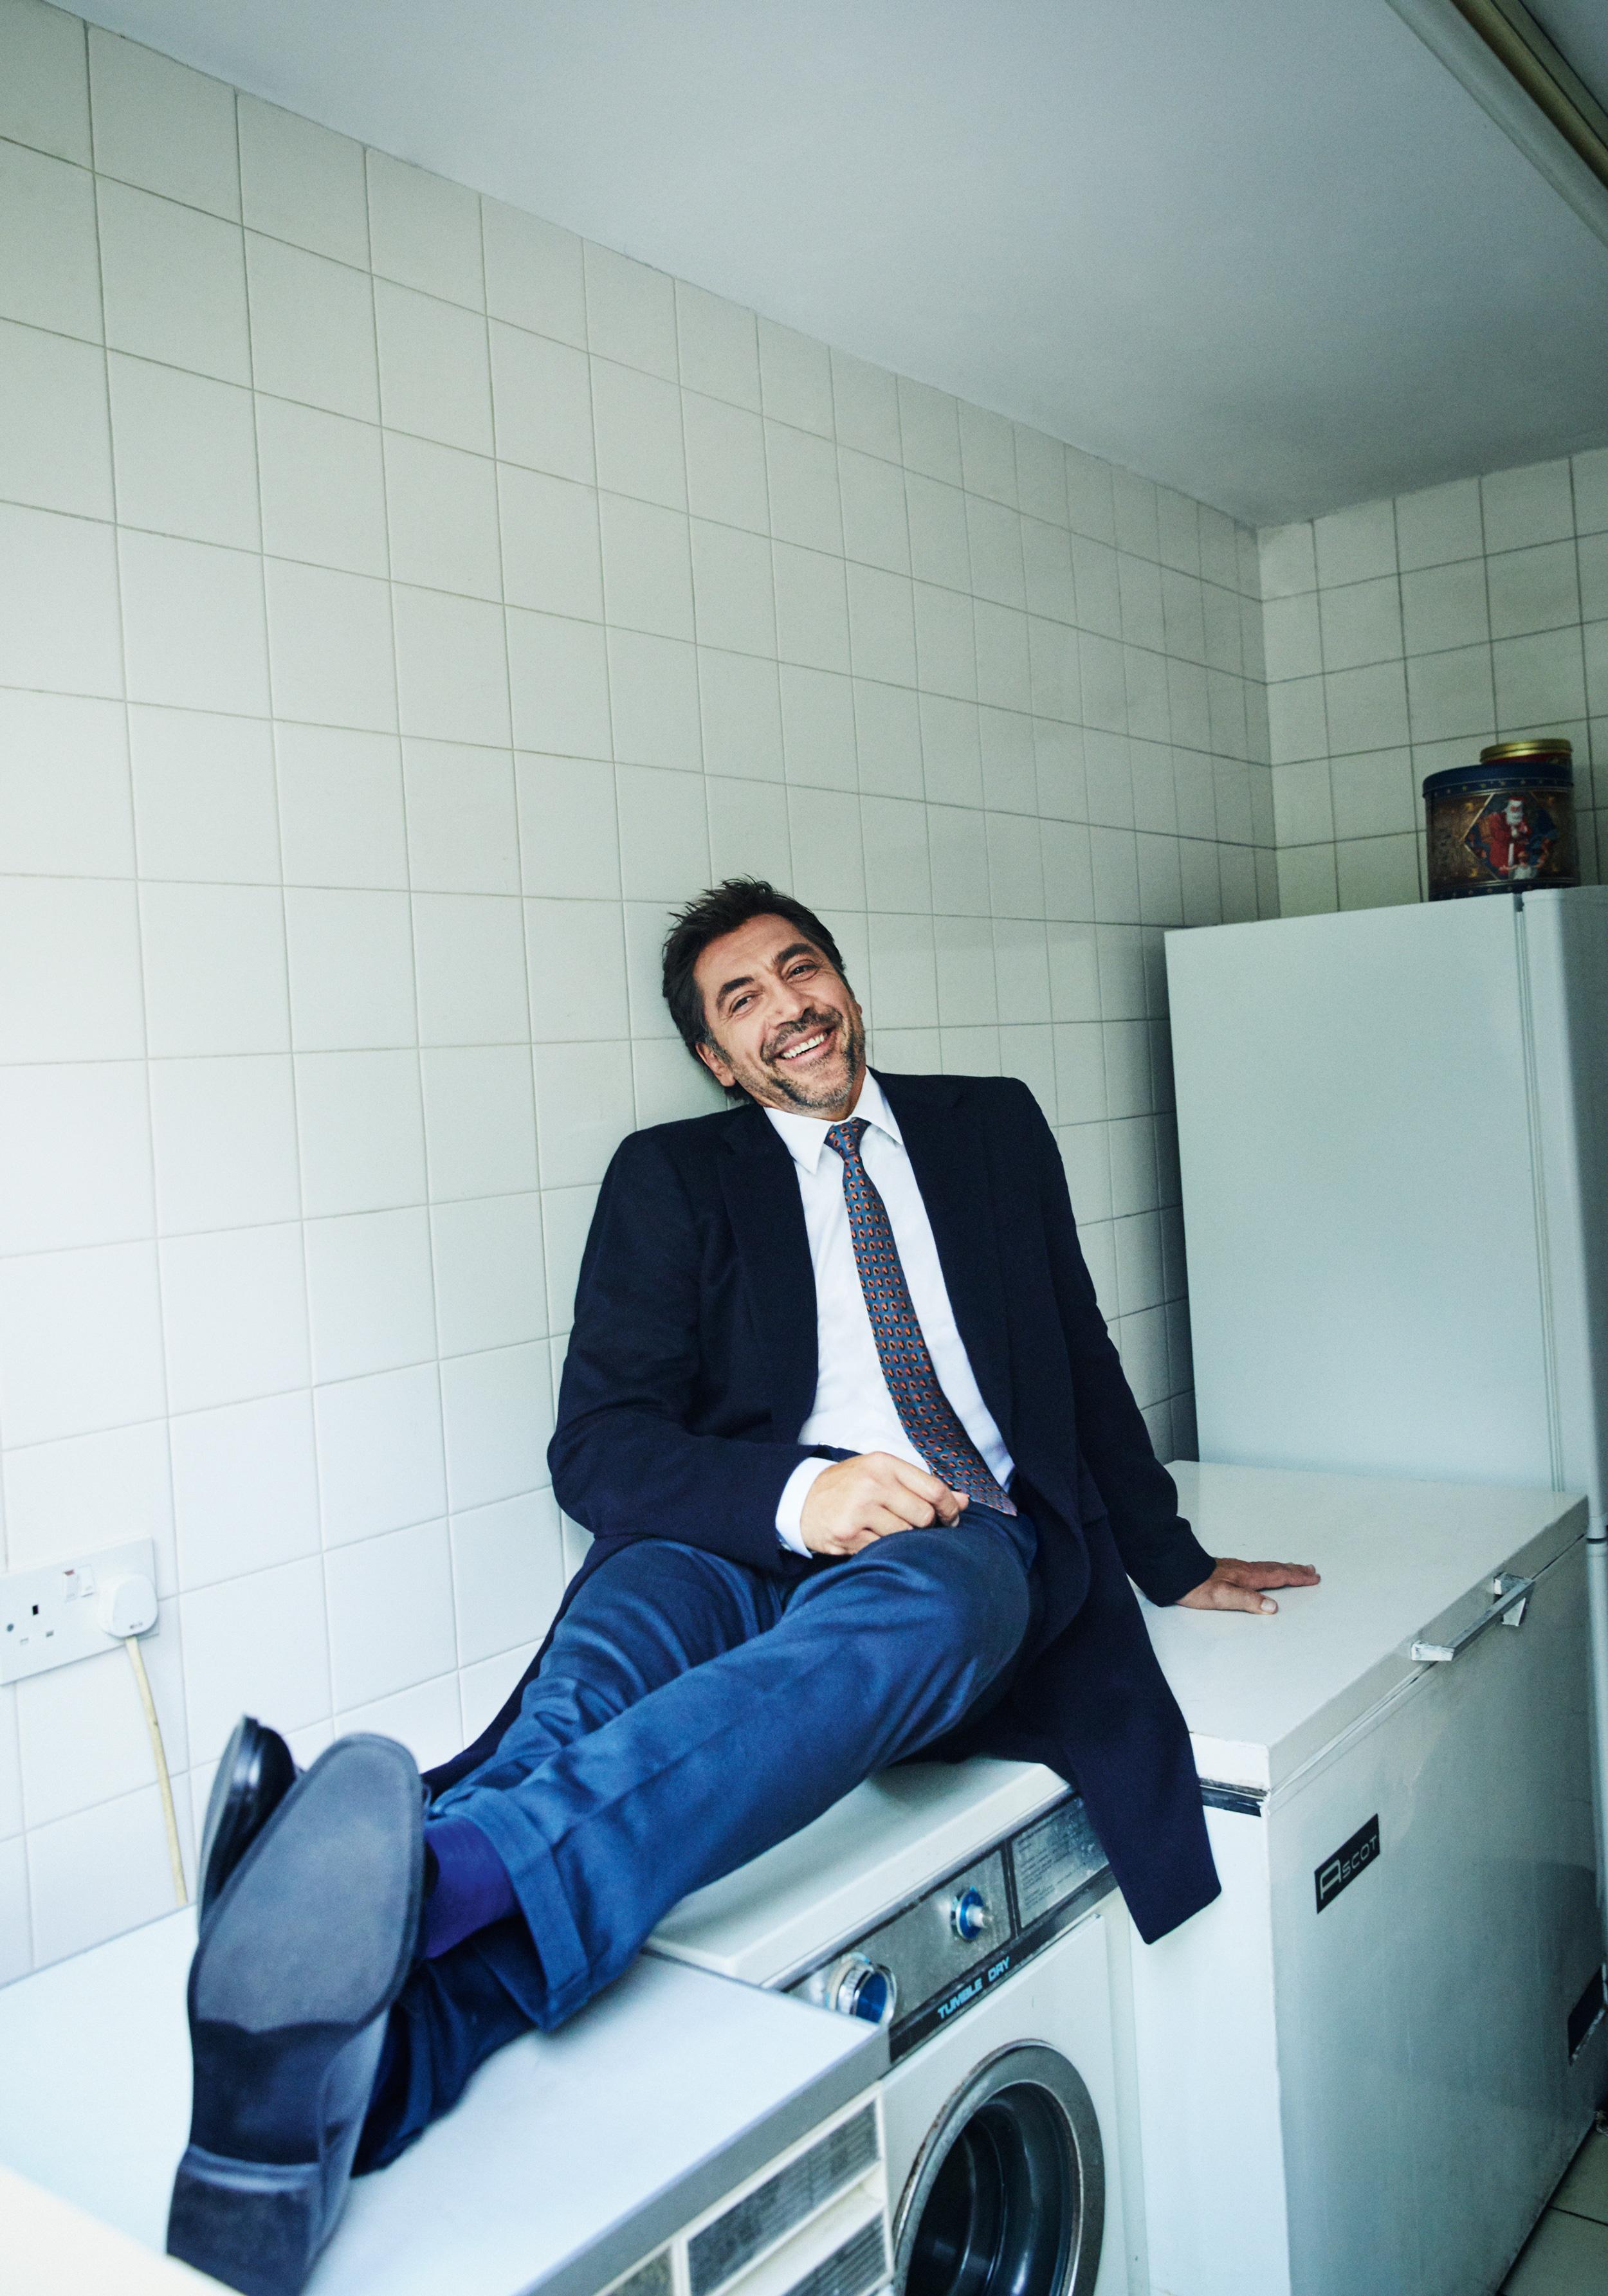 Пиджак, рубашка, галстук, брюки, носки иботинки, все Prada